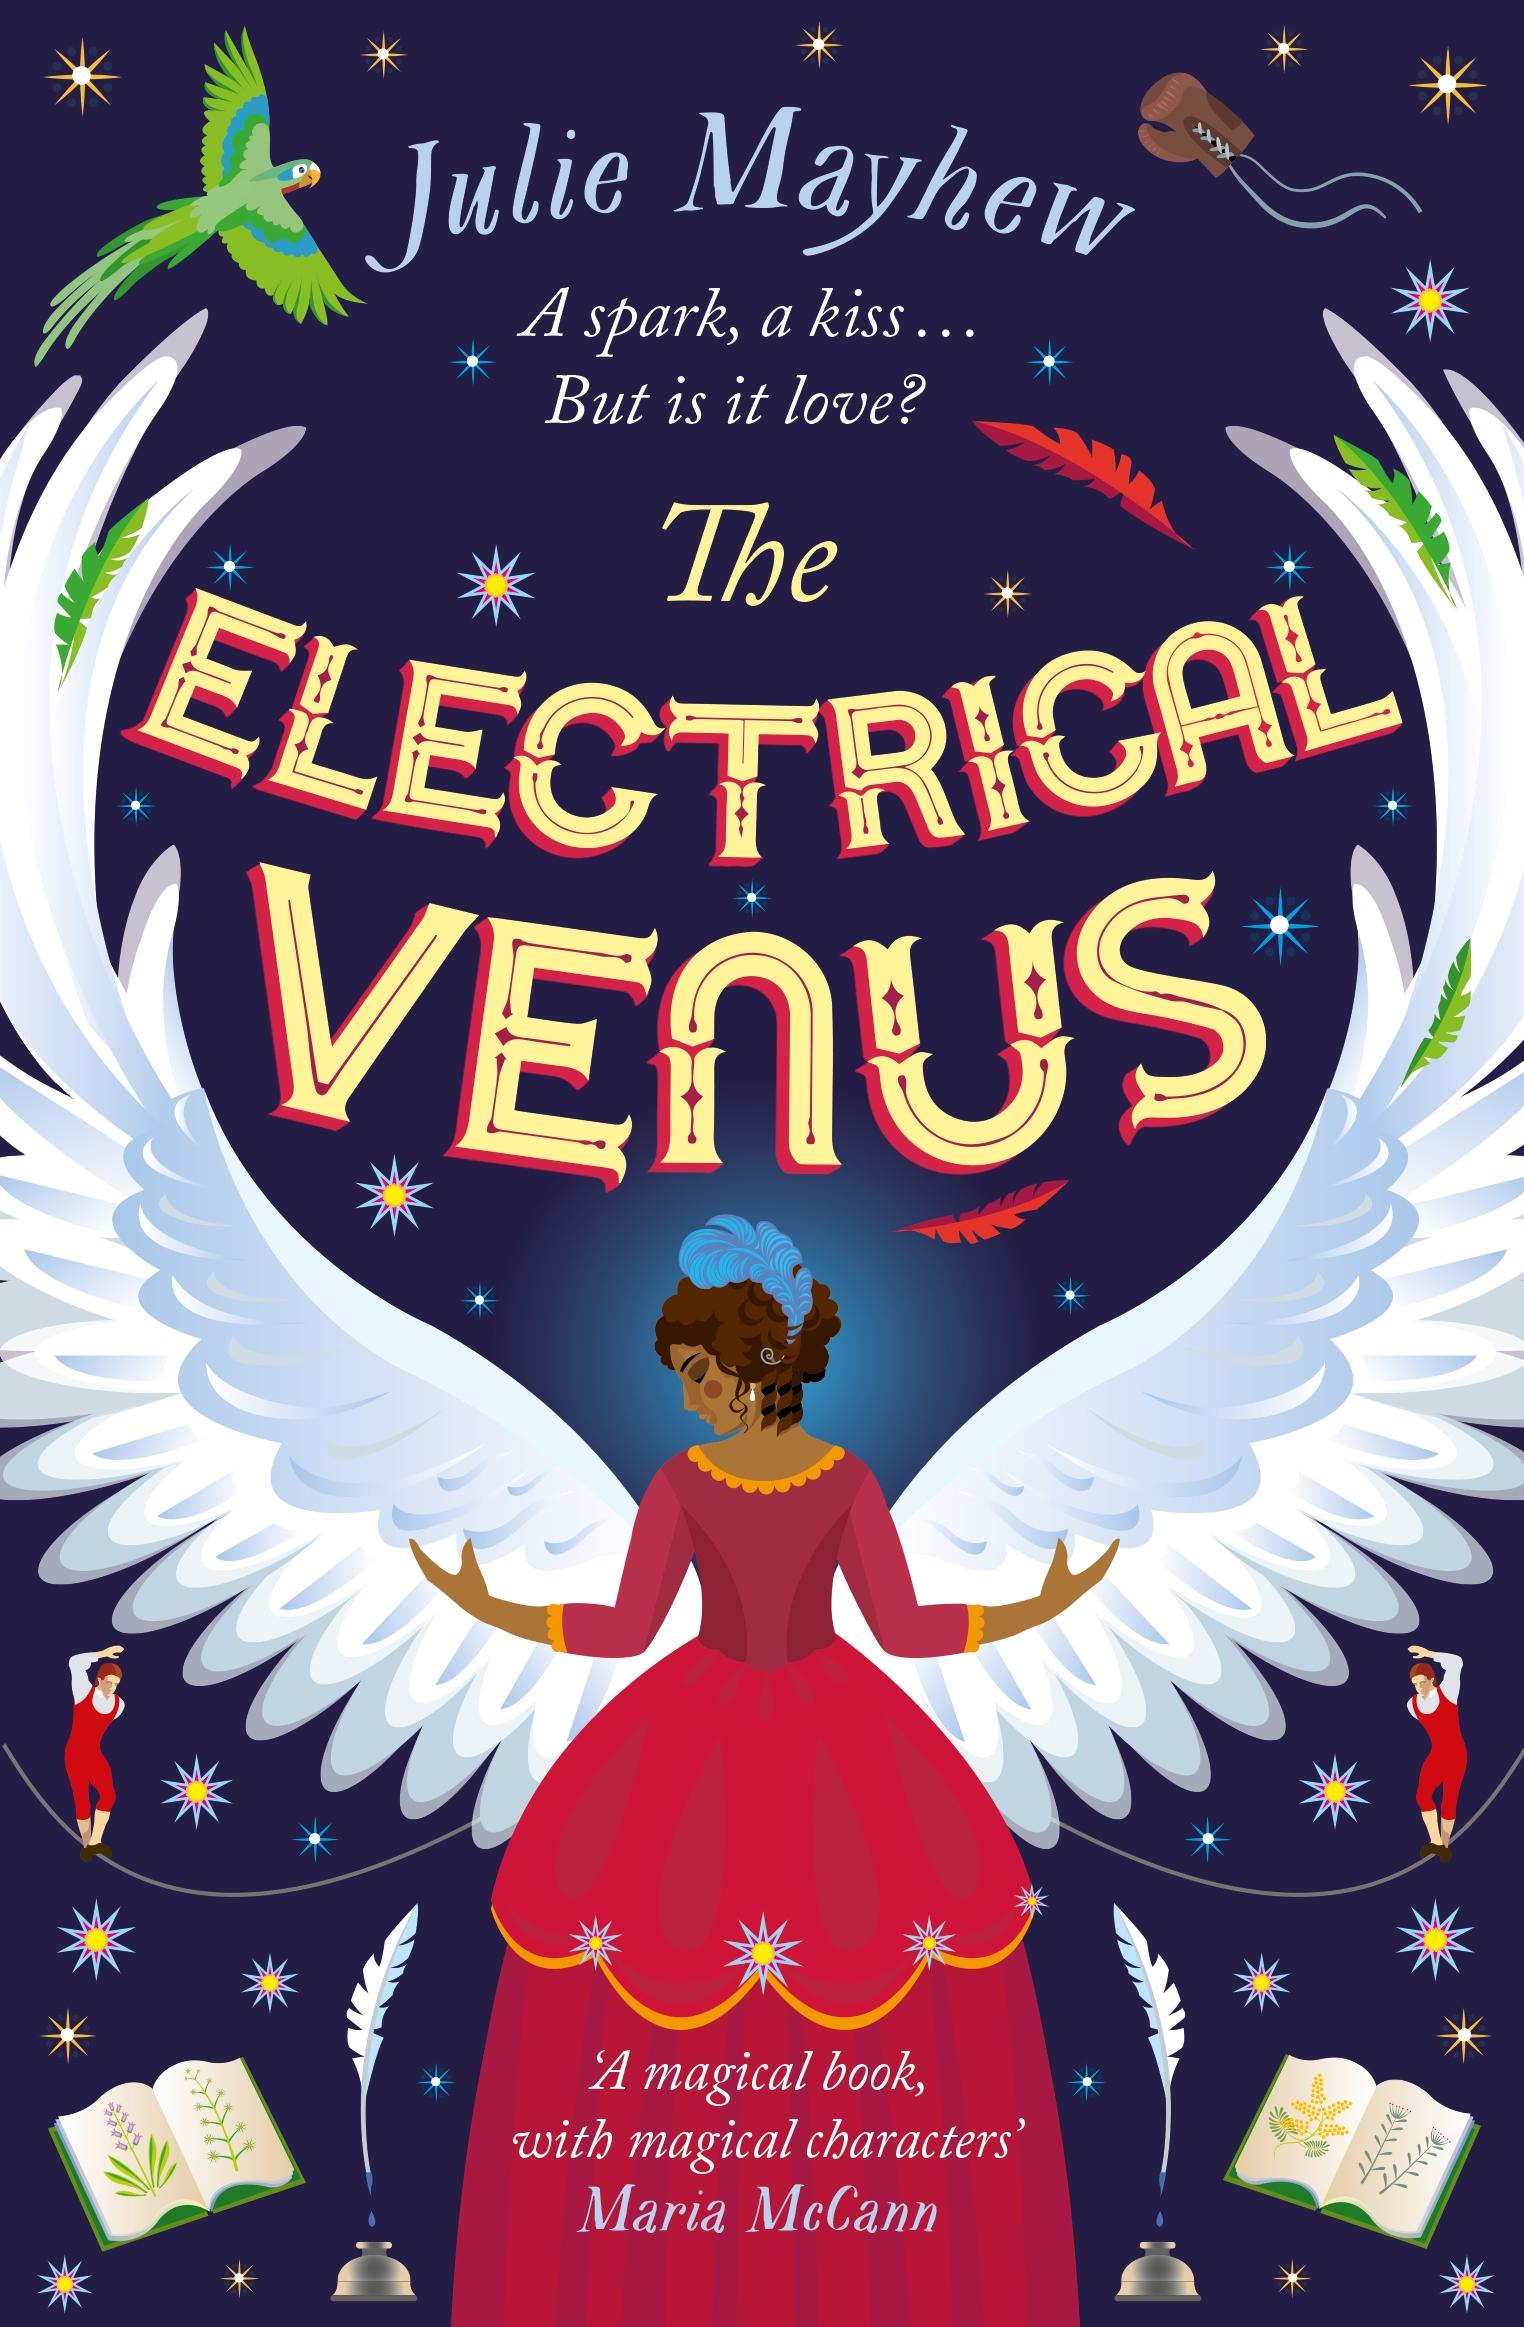 The Electrical Venus by Julie Mayhew